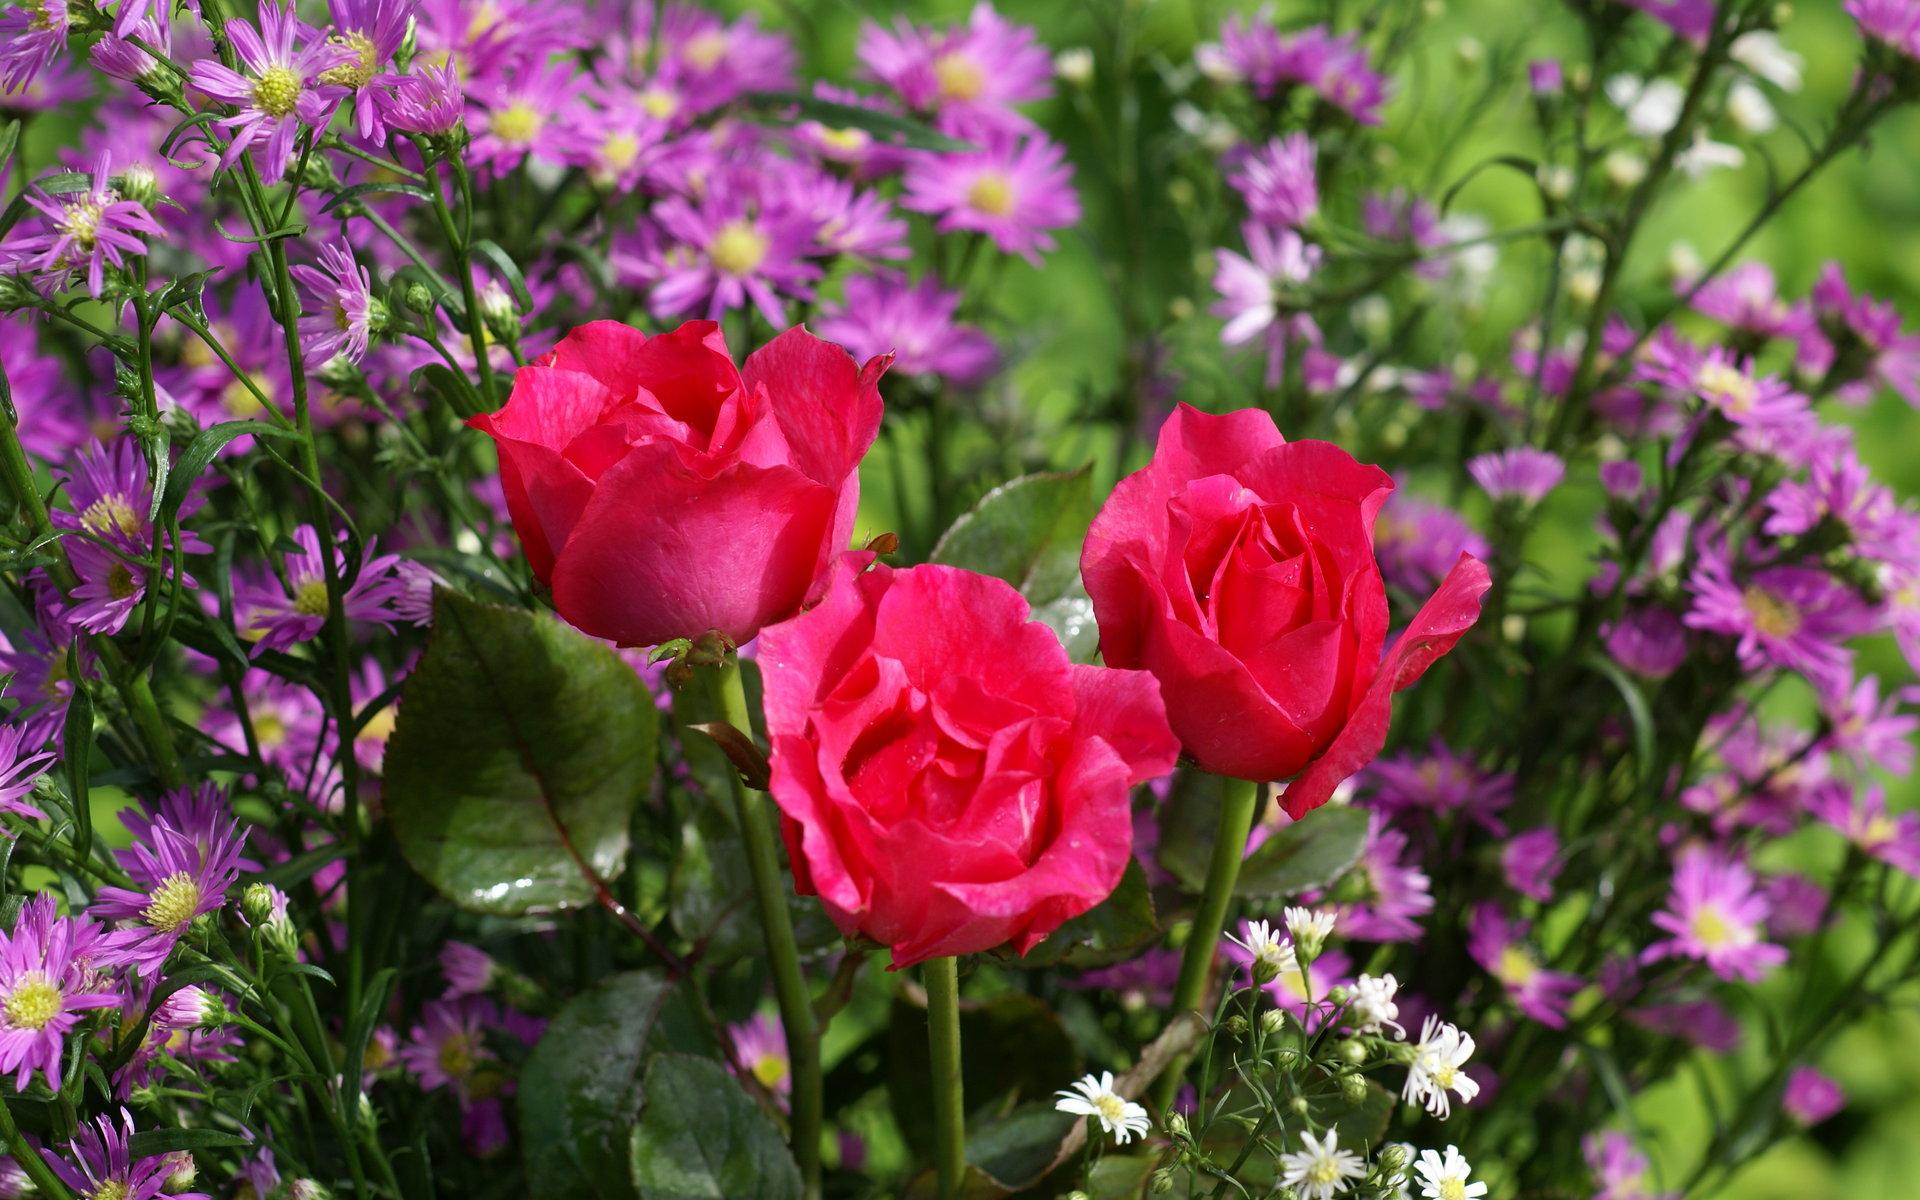 Fotos de flores, rosas, paisajes para fondos de pantalla